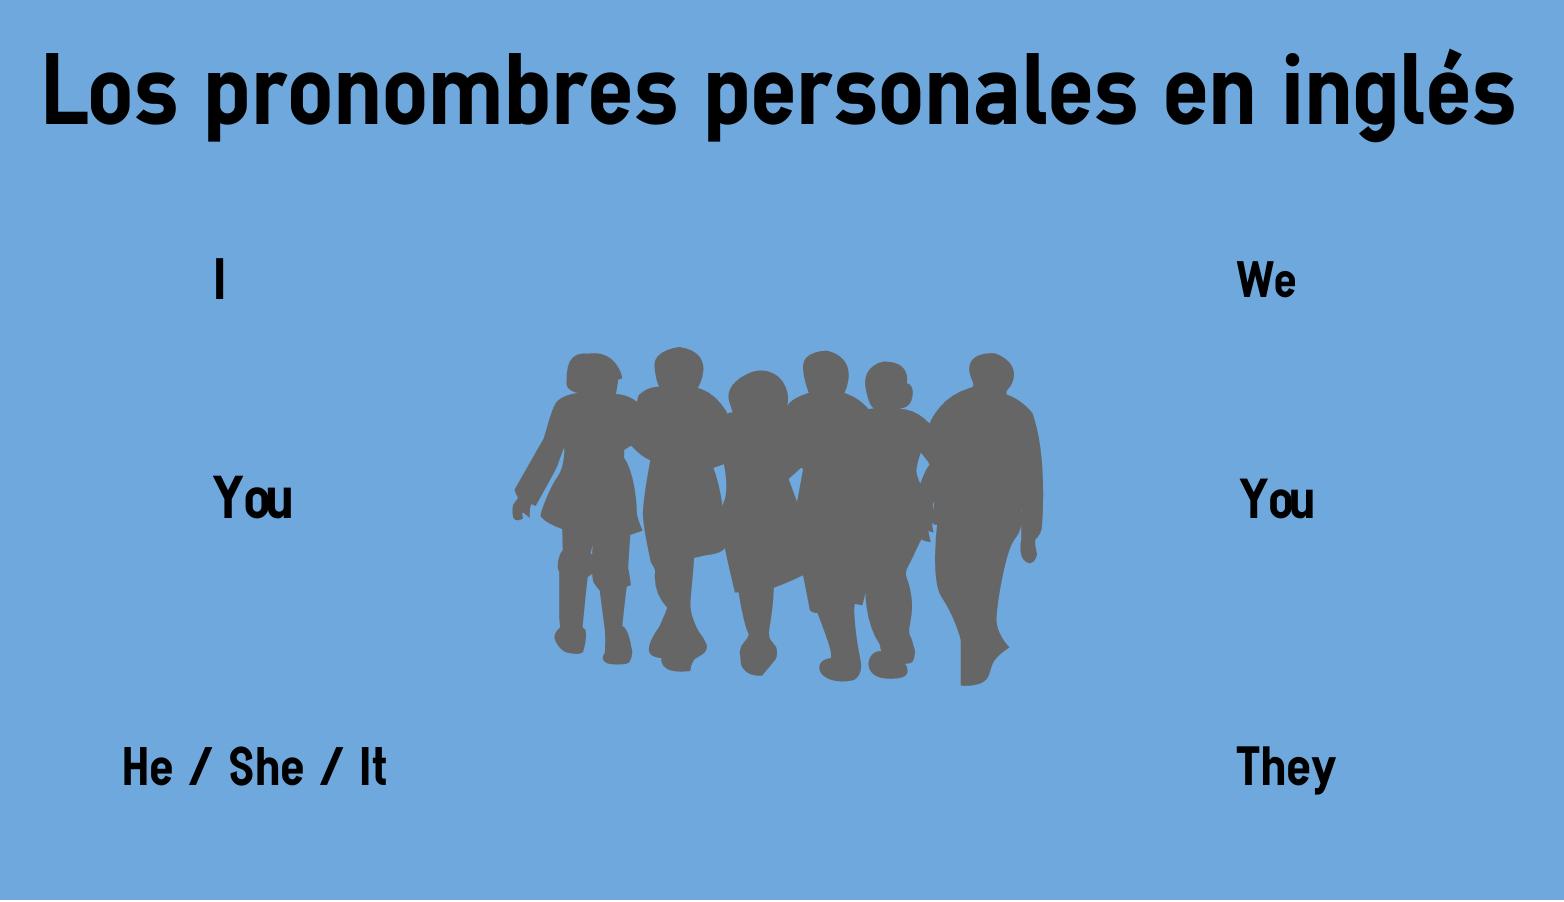 Los Pronombres Personales De Sujeto En Ingles Gratis Con Los Pronombres Personales En Ingl 233 S